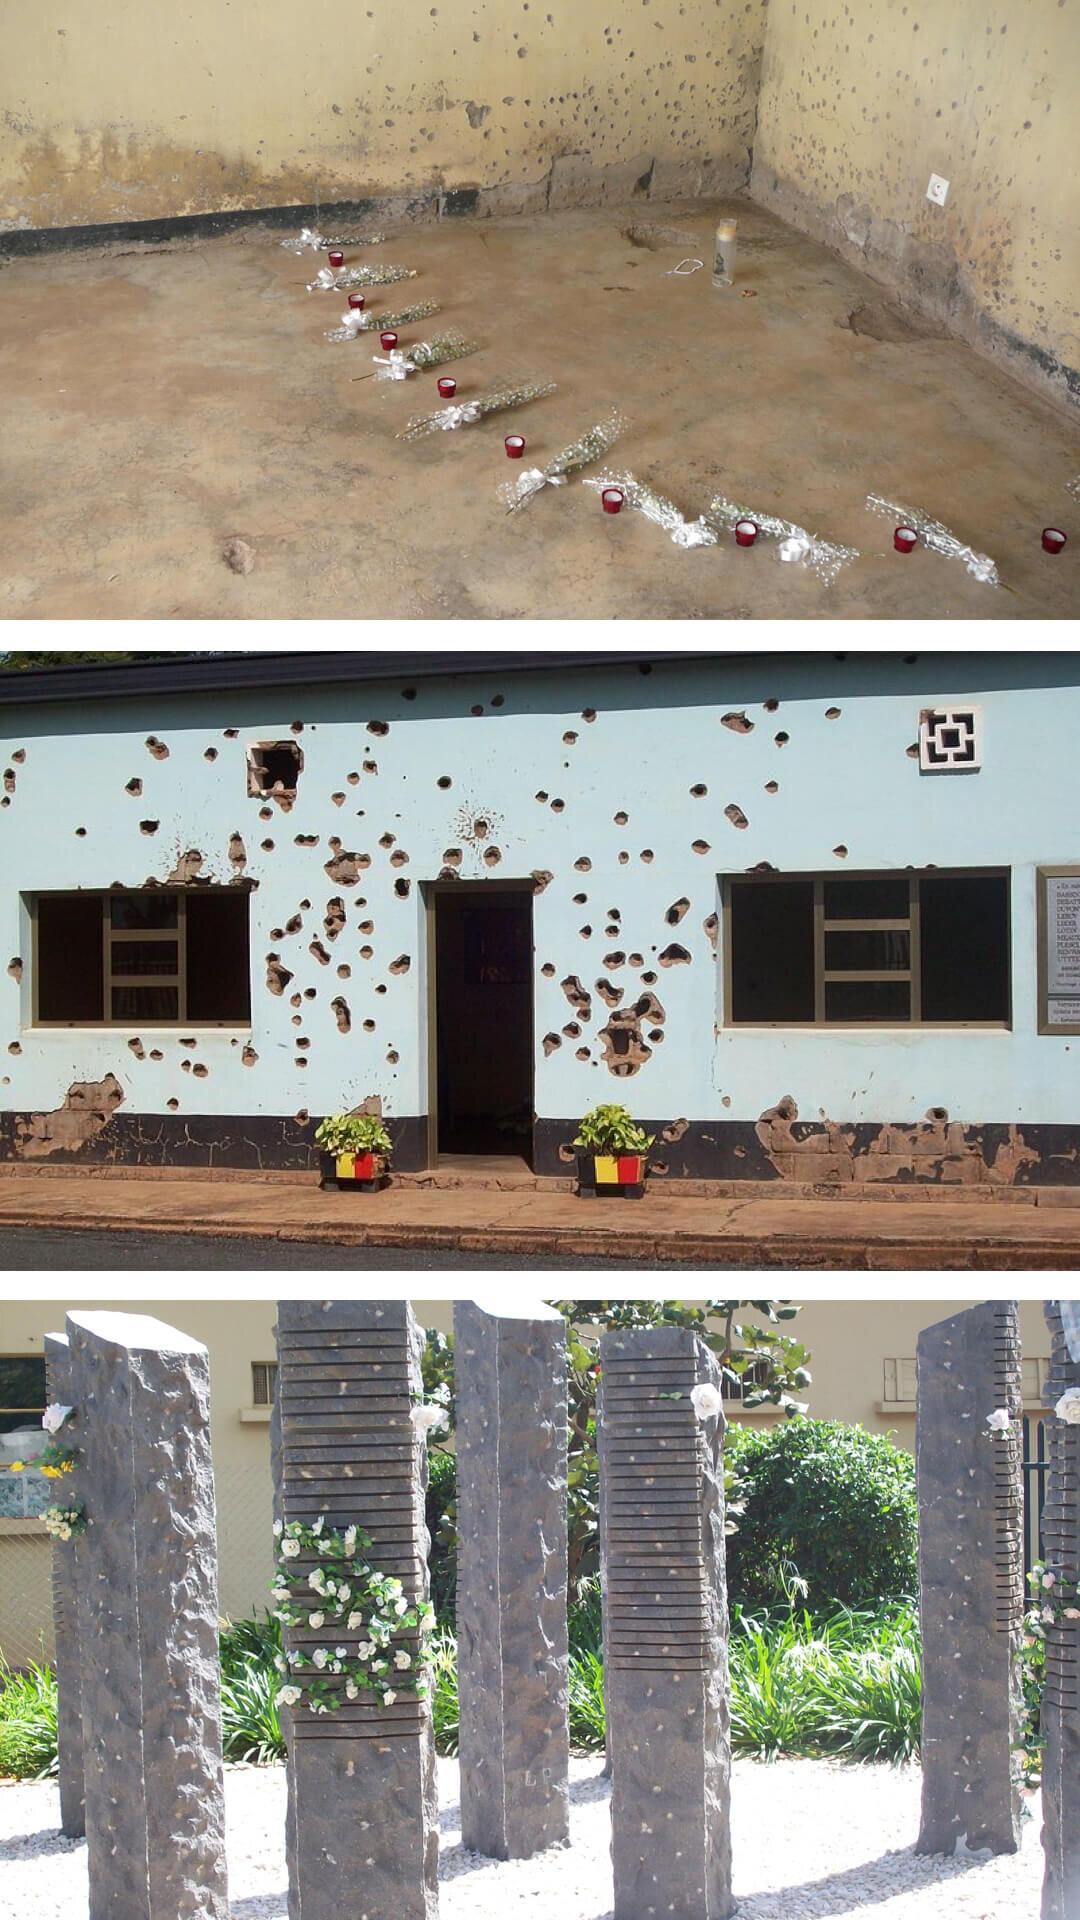 8.Visit the Camp Kigali Memorial